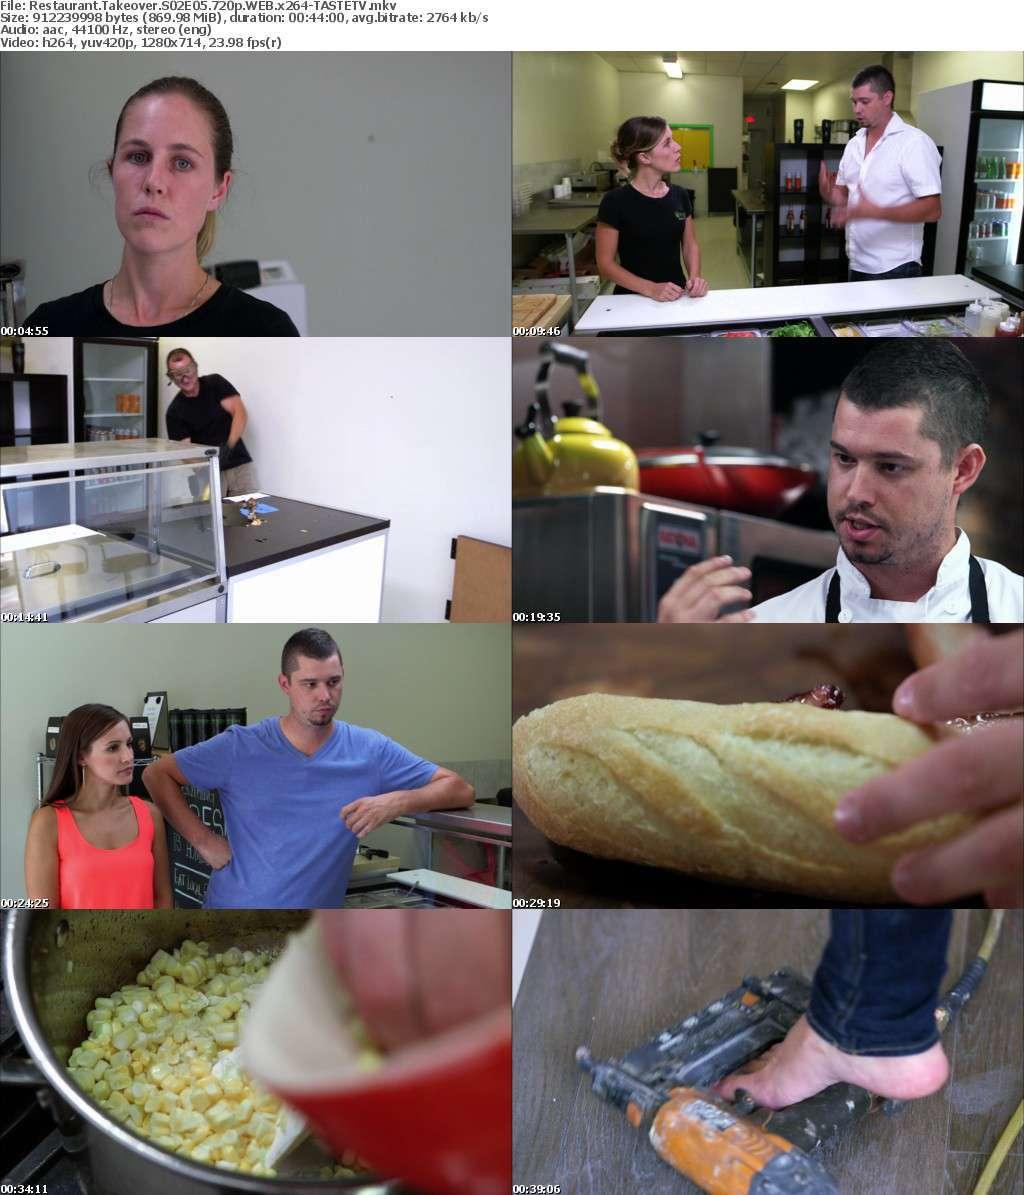 Restaurant Takeover S02E05 720p WEB x264-TASTETV